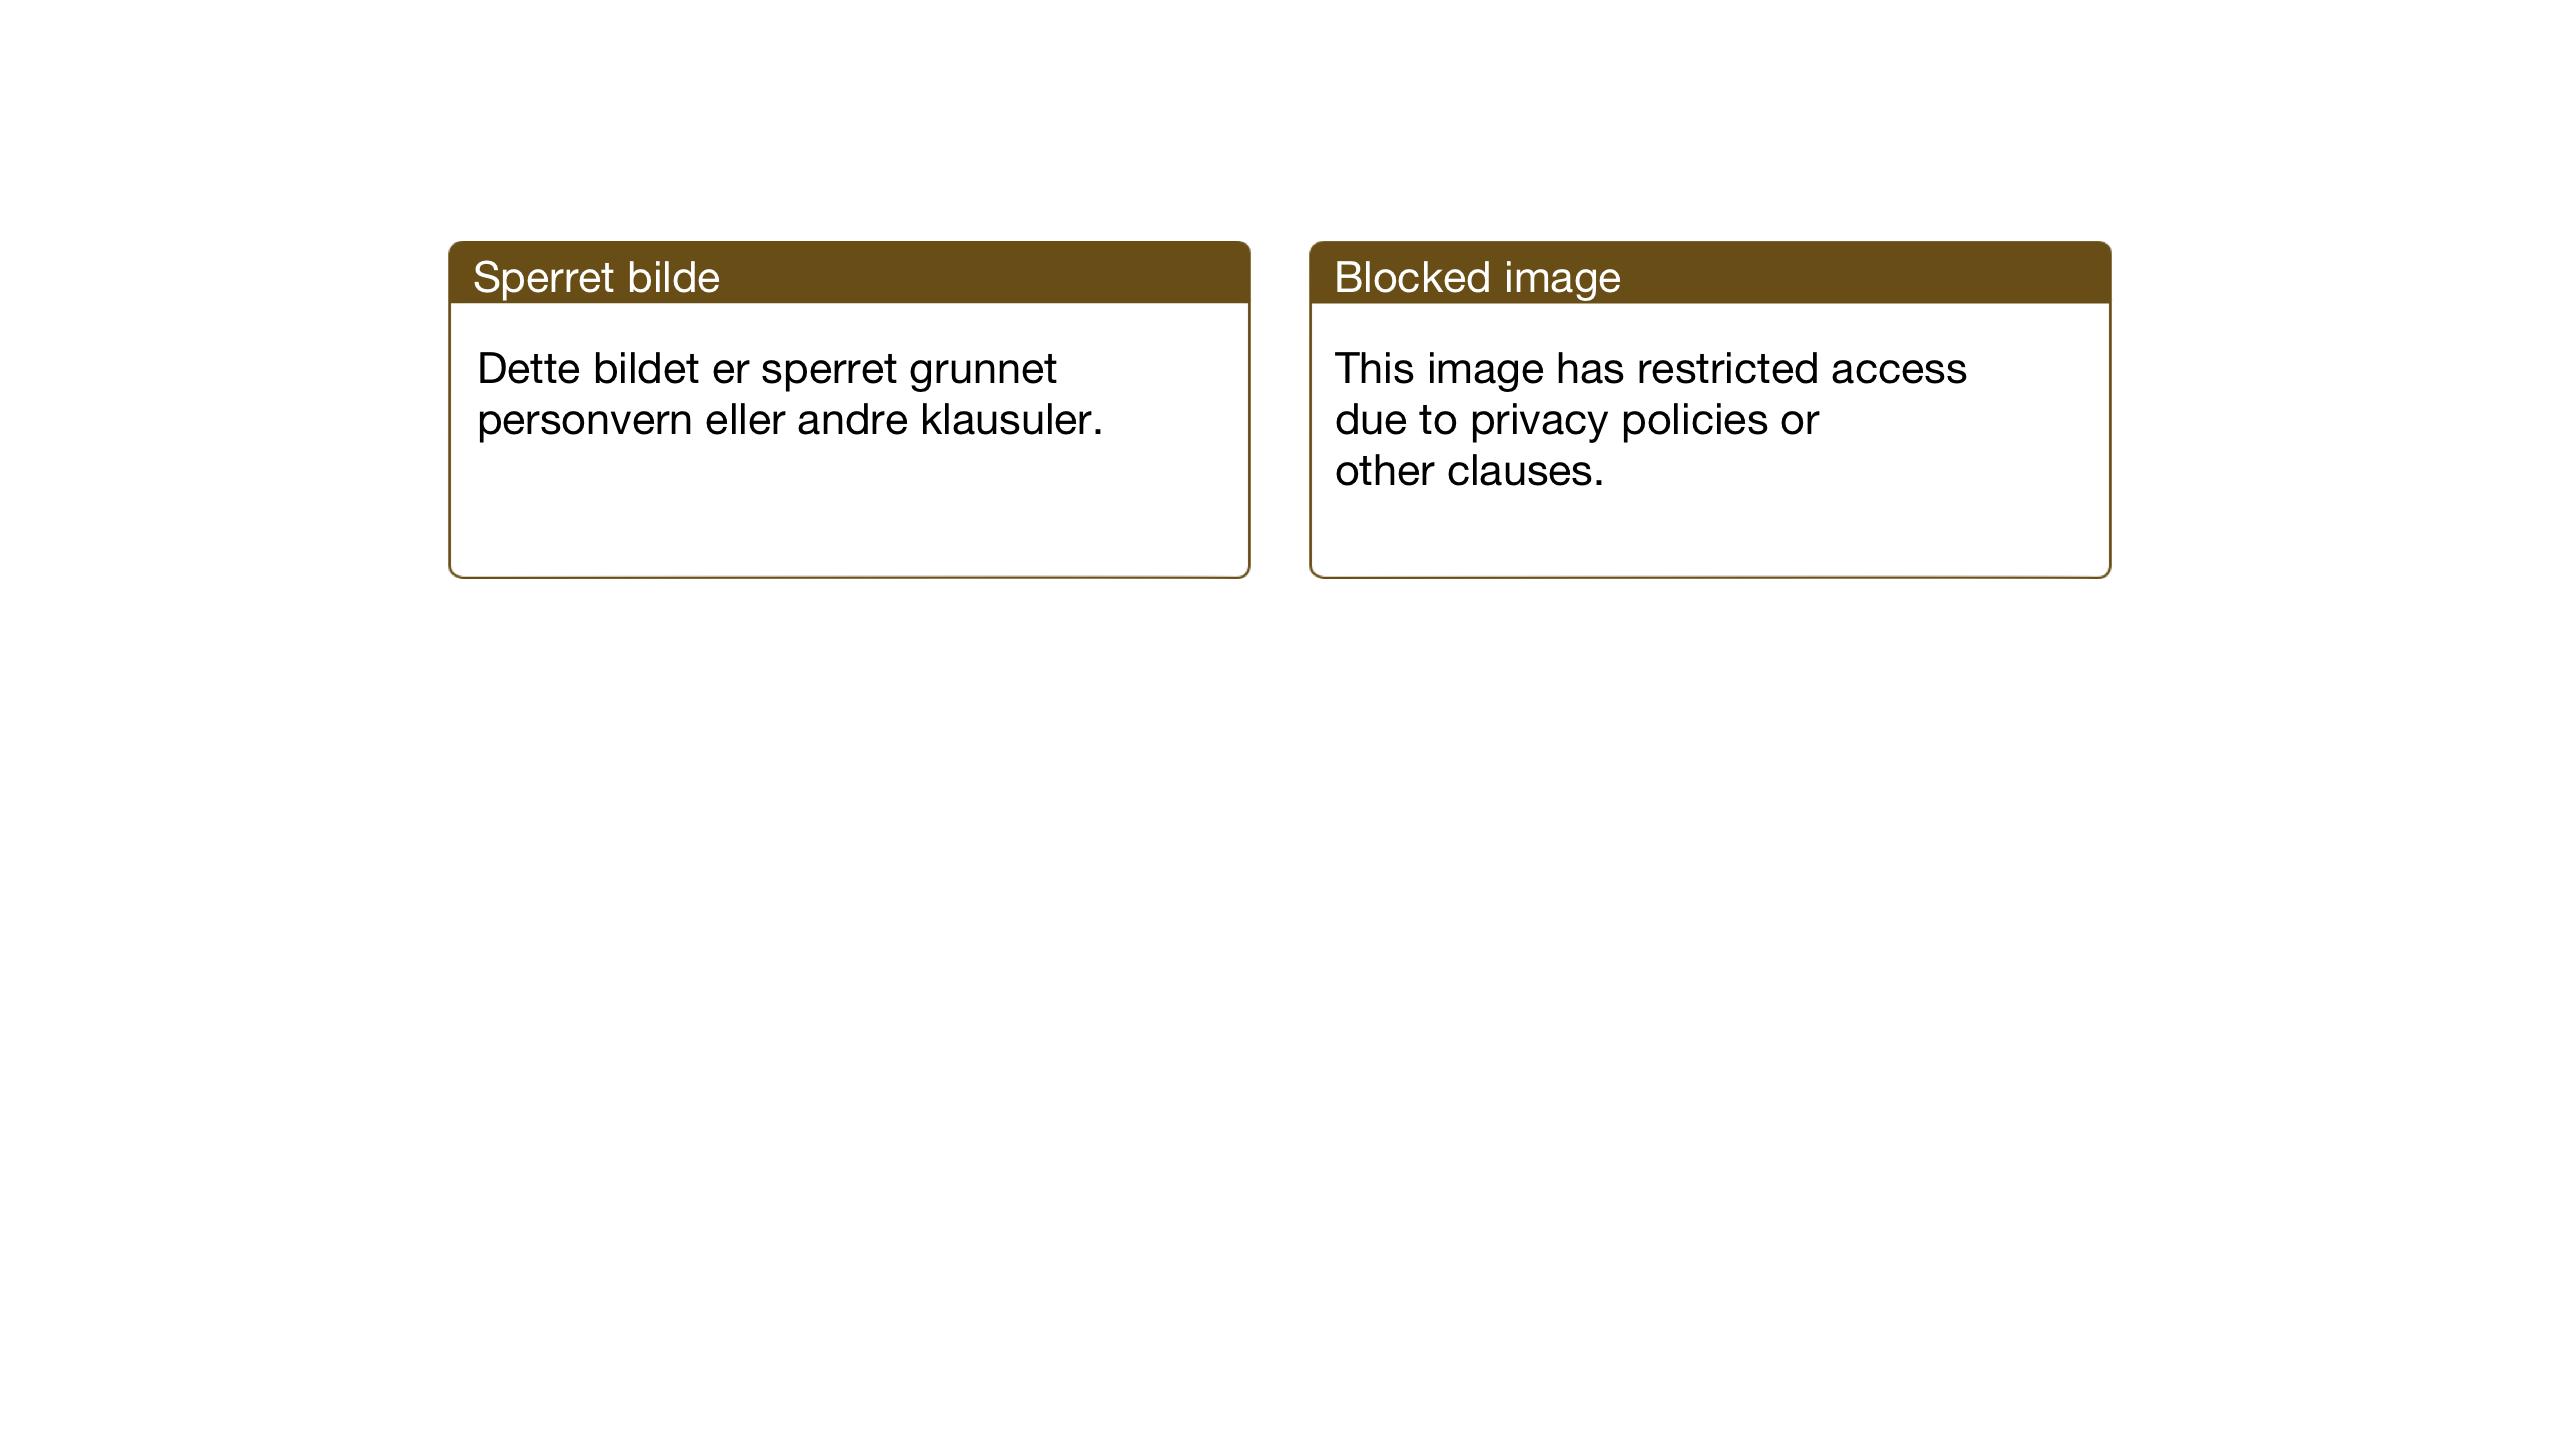 SAT, Ministerialprotokoller, klokkerbøker og fødselsregistre - Sør-Trøndelag, 615/L0401: Klokkerbok nr. 615C02, 1922-1941, s. 50